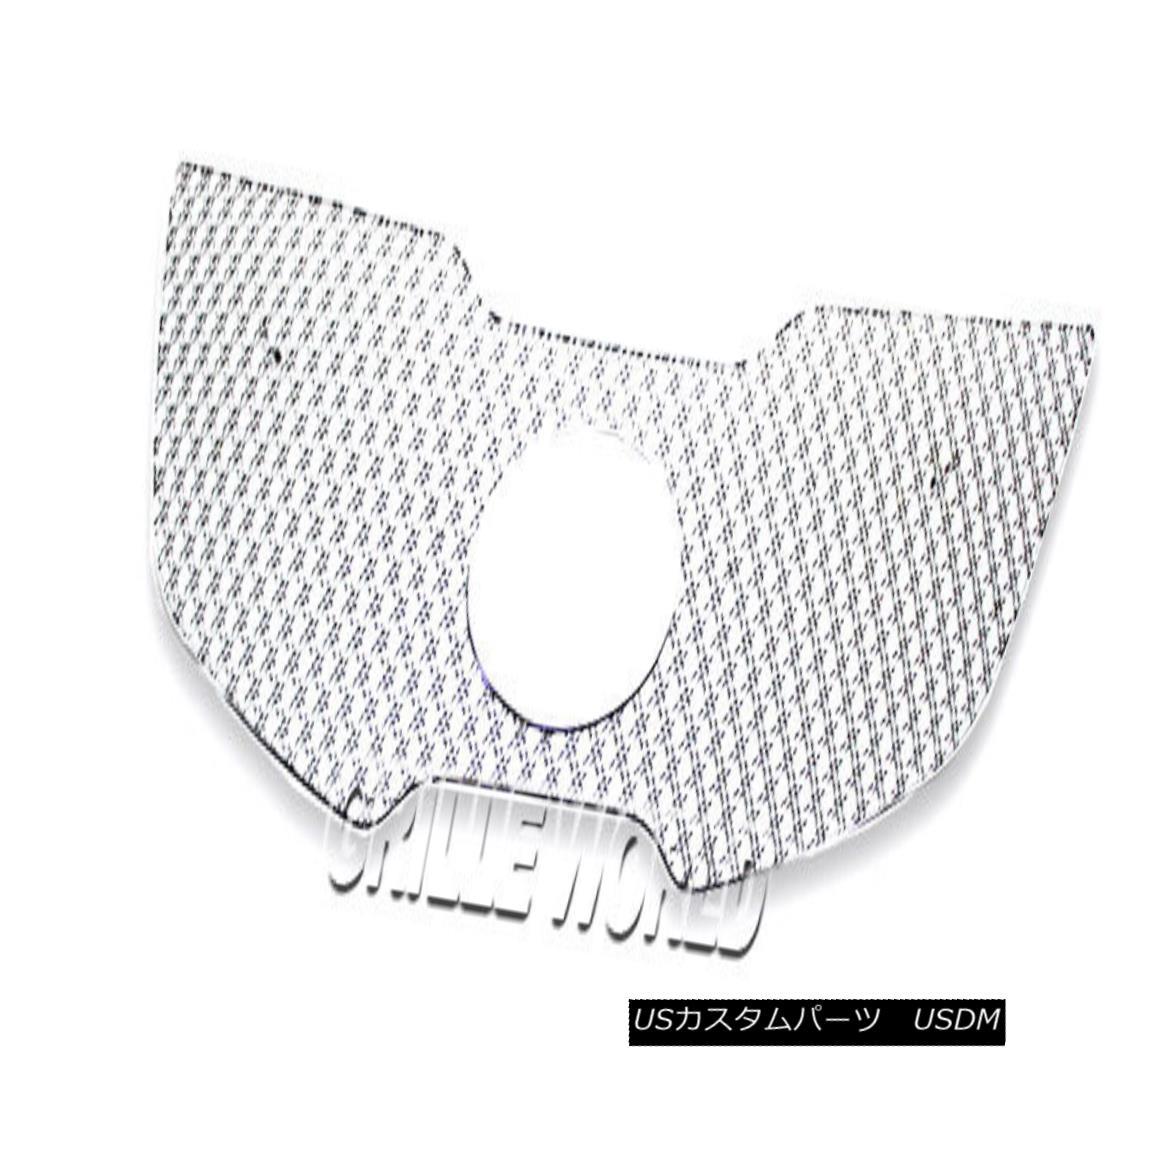 グリル For 11-2014 Kia Sportage Stainless Steel Double Wire X Mesh Premium Grille 11-2014年起亜SportageステンレススチールダブルワイヤーXメッシュプレミアムグリル